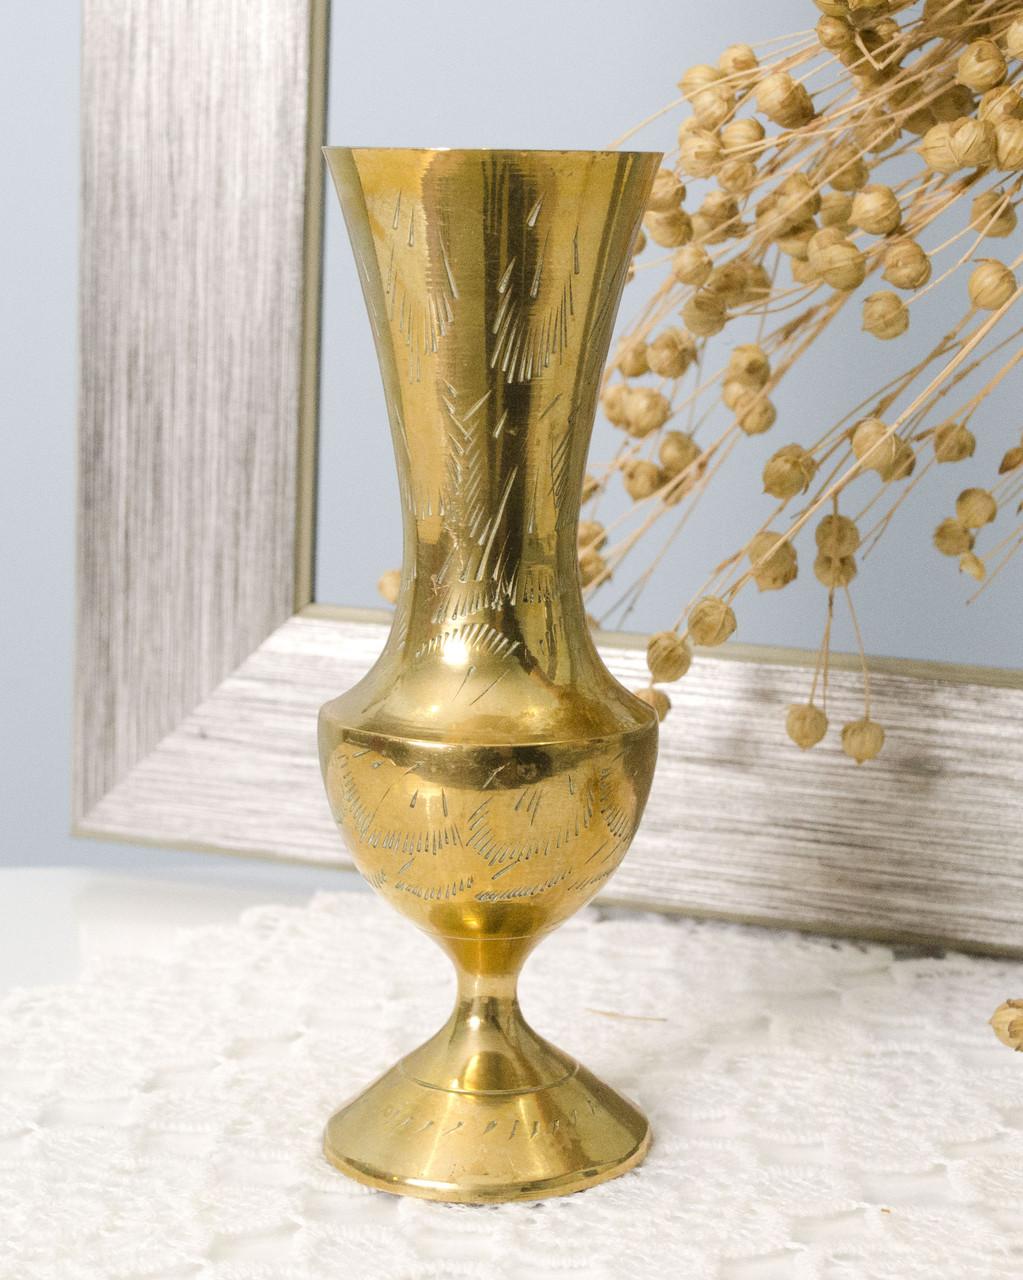 Декоративная индийская ваза, вазочка, латунь, Индия, 70-е года